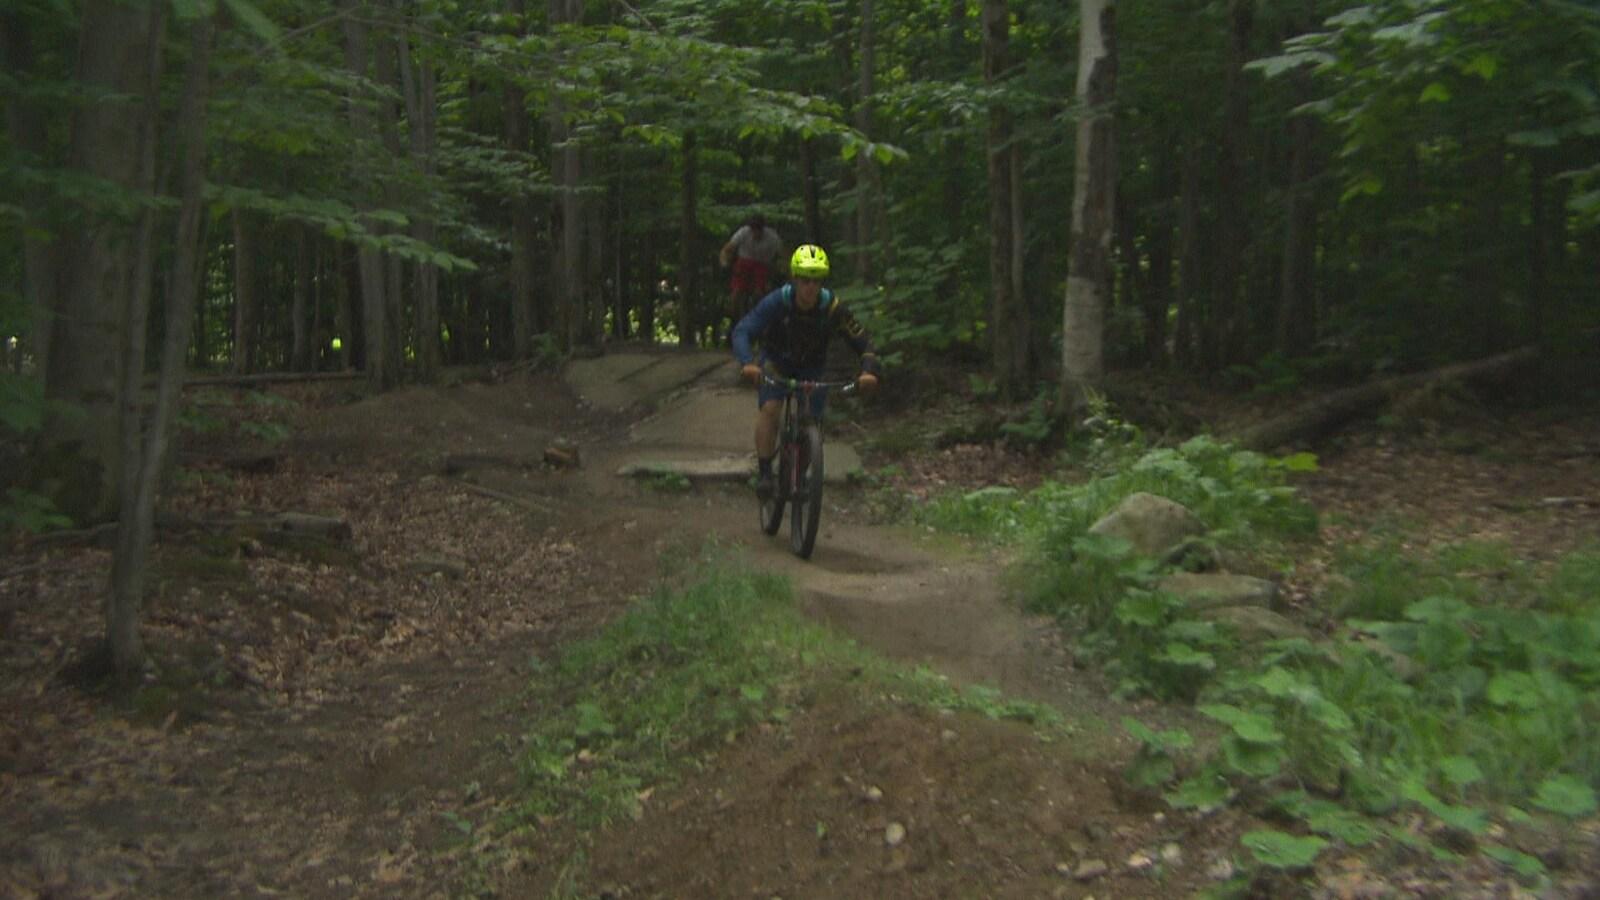 À Sherbrooke, une pétition circule pour permettre l'usage du vélo de montagne sur le mont J.-S Bourque.